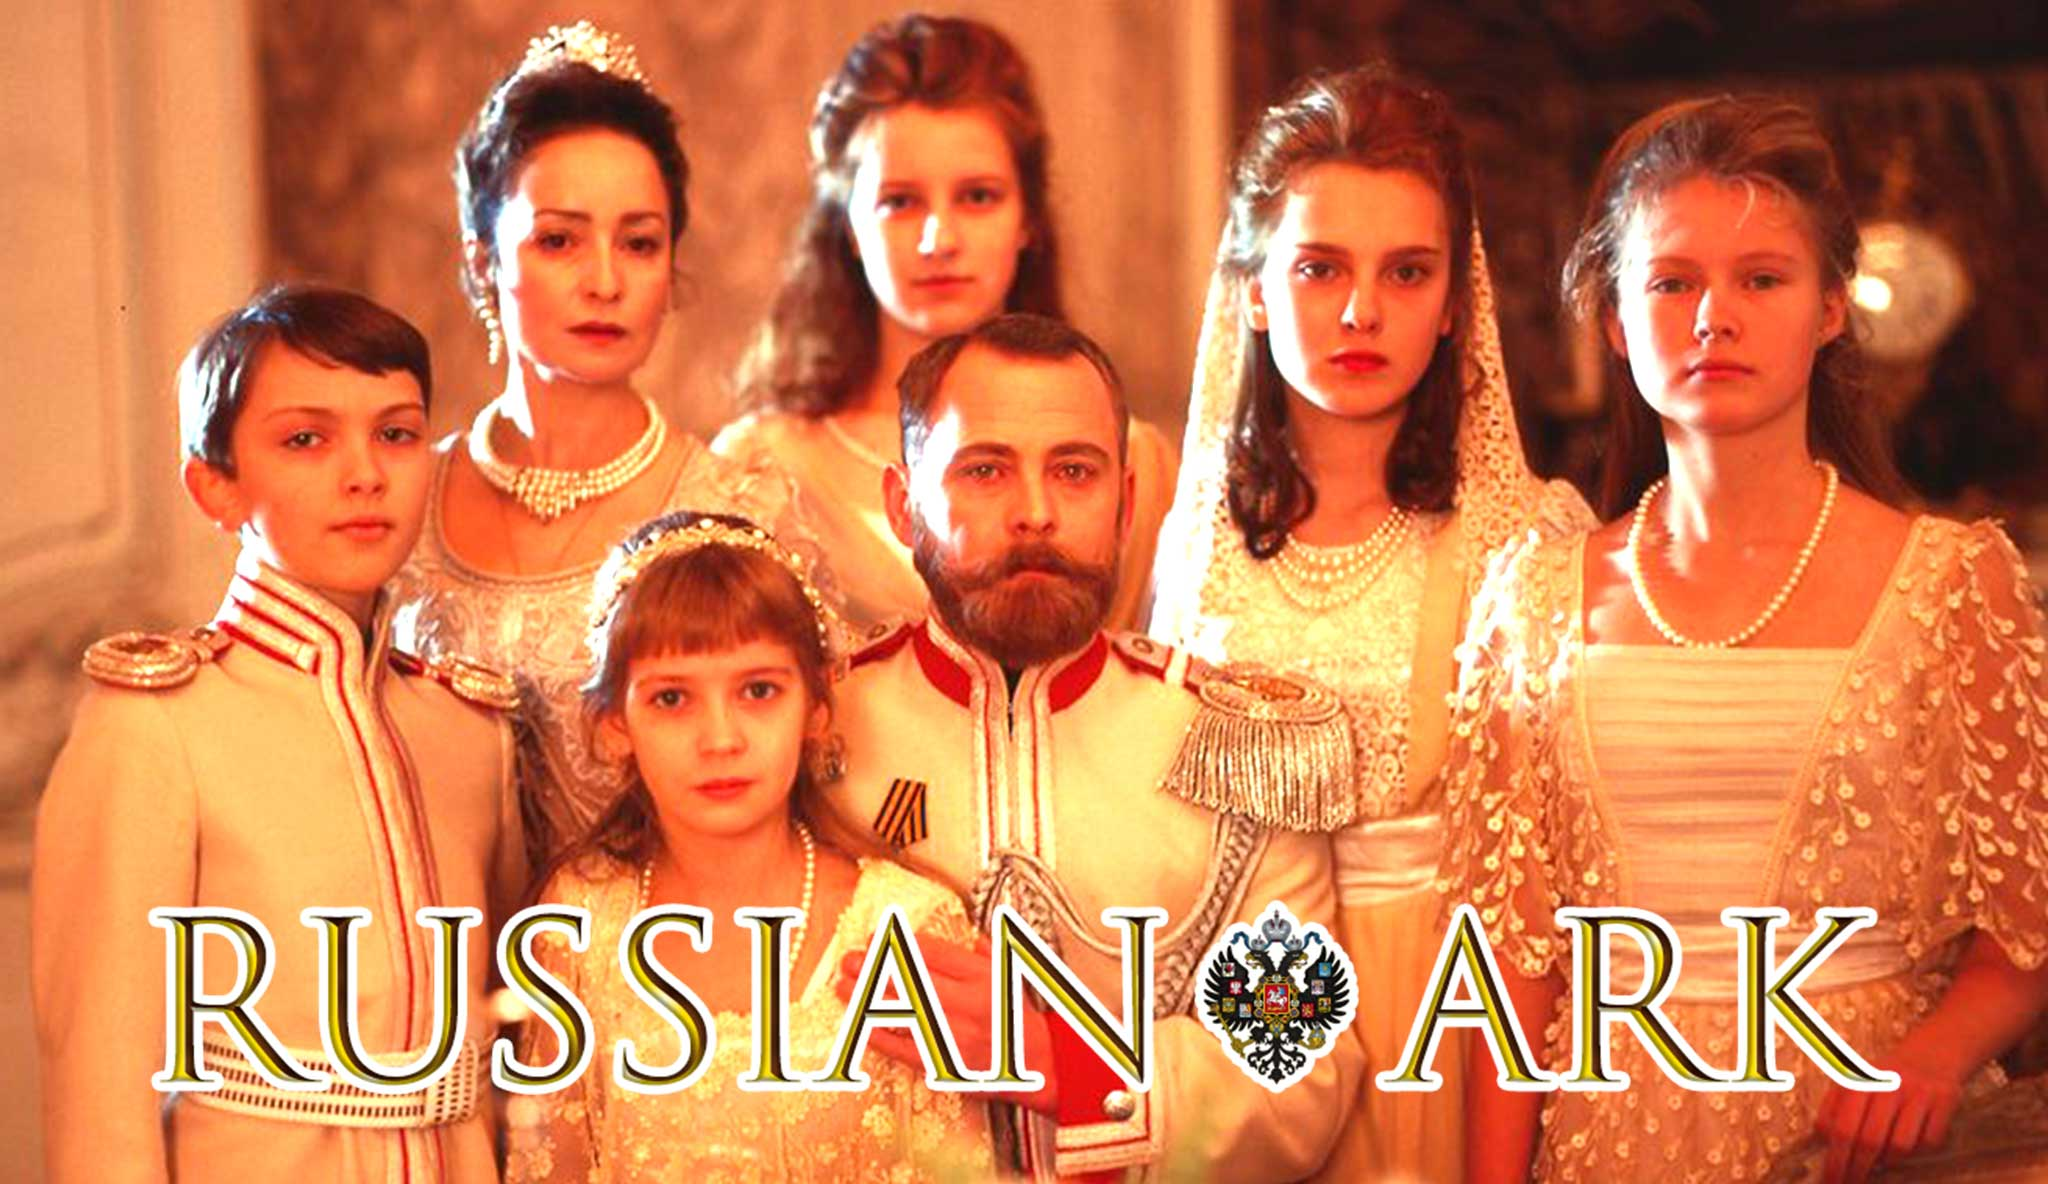 russian-ark-eine-einzigartige-zeitreise-durch-die-eremitage\header.jpg